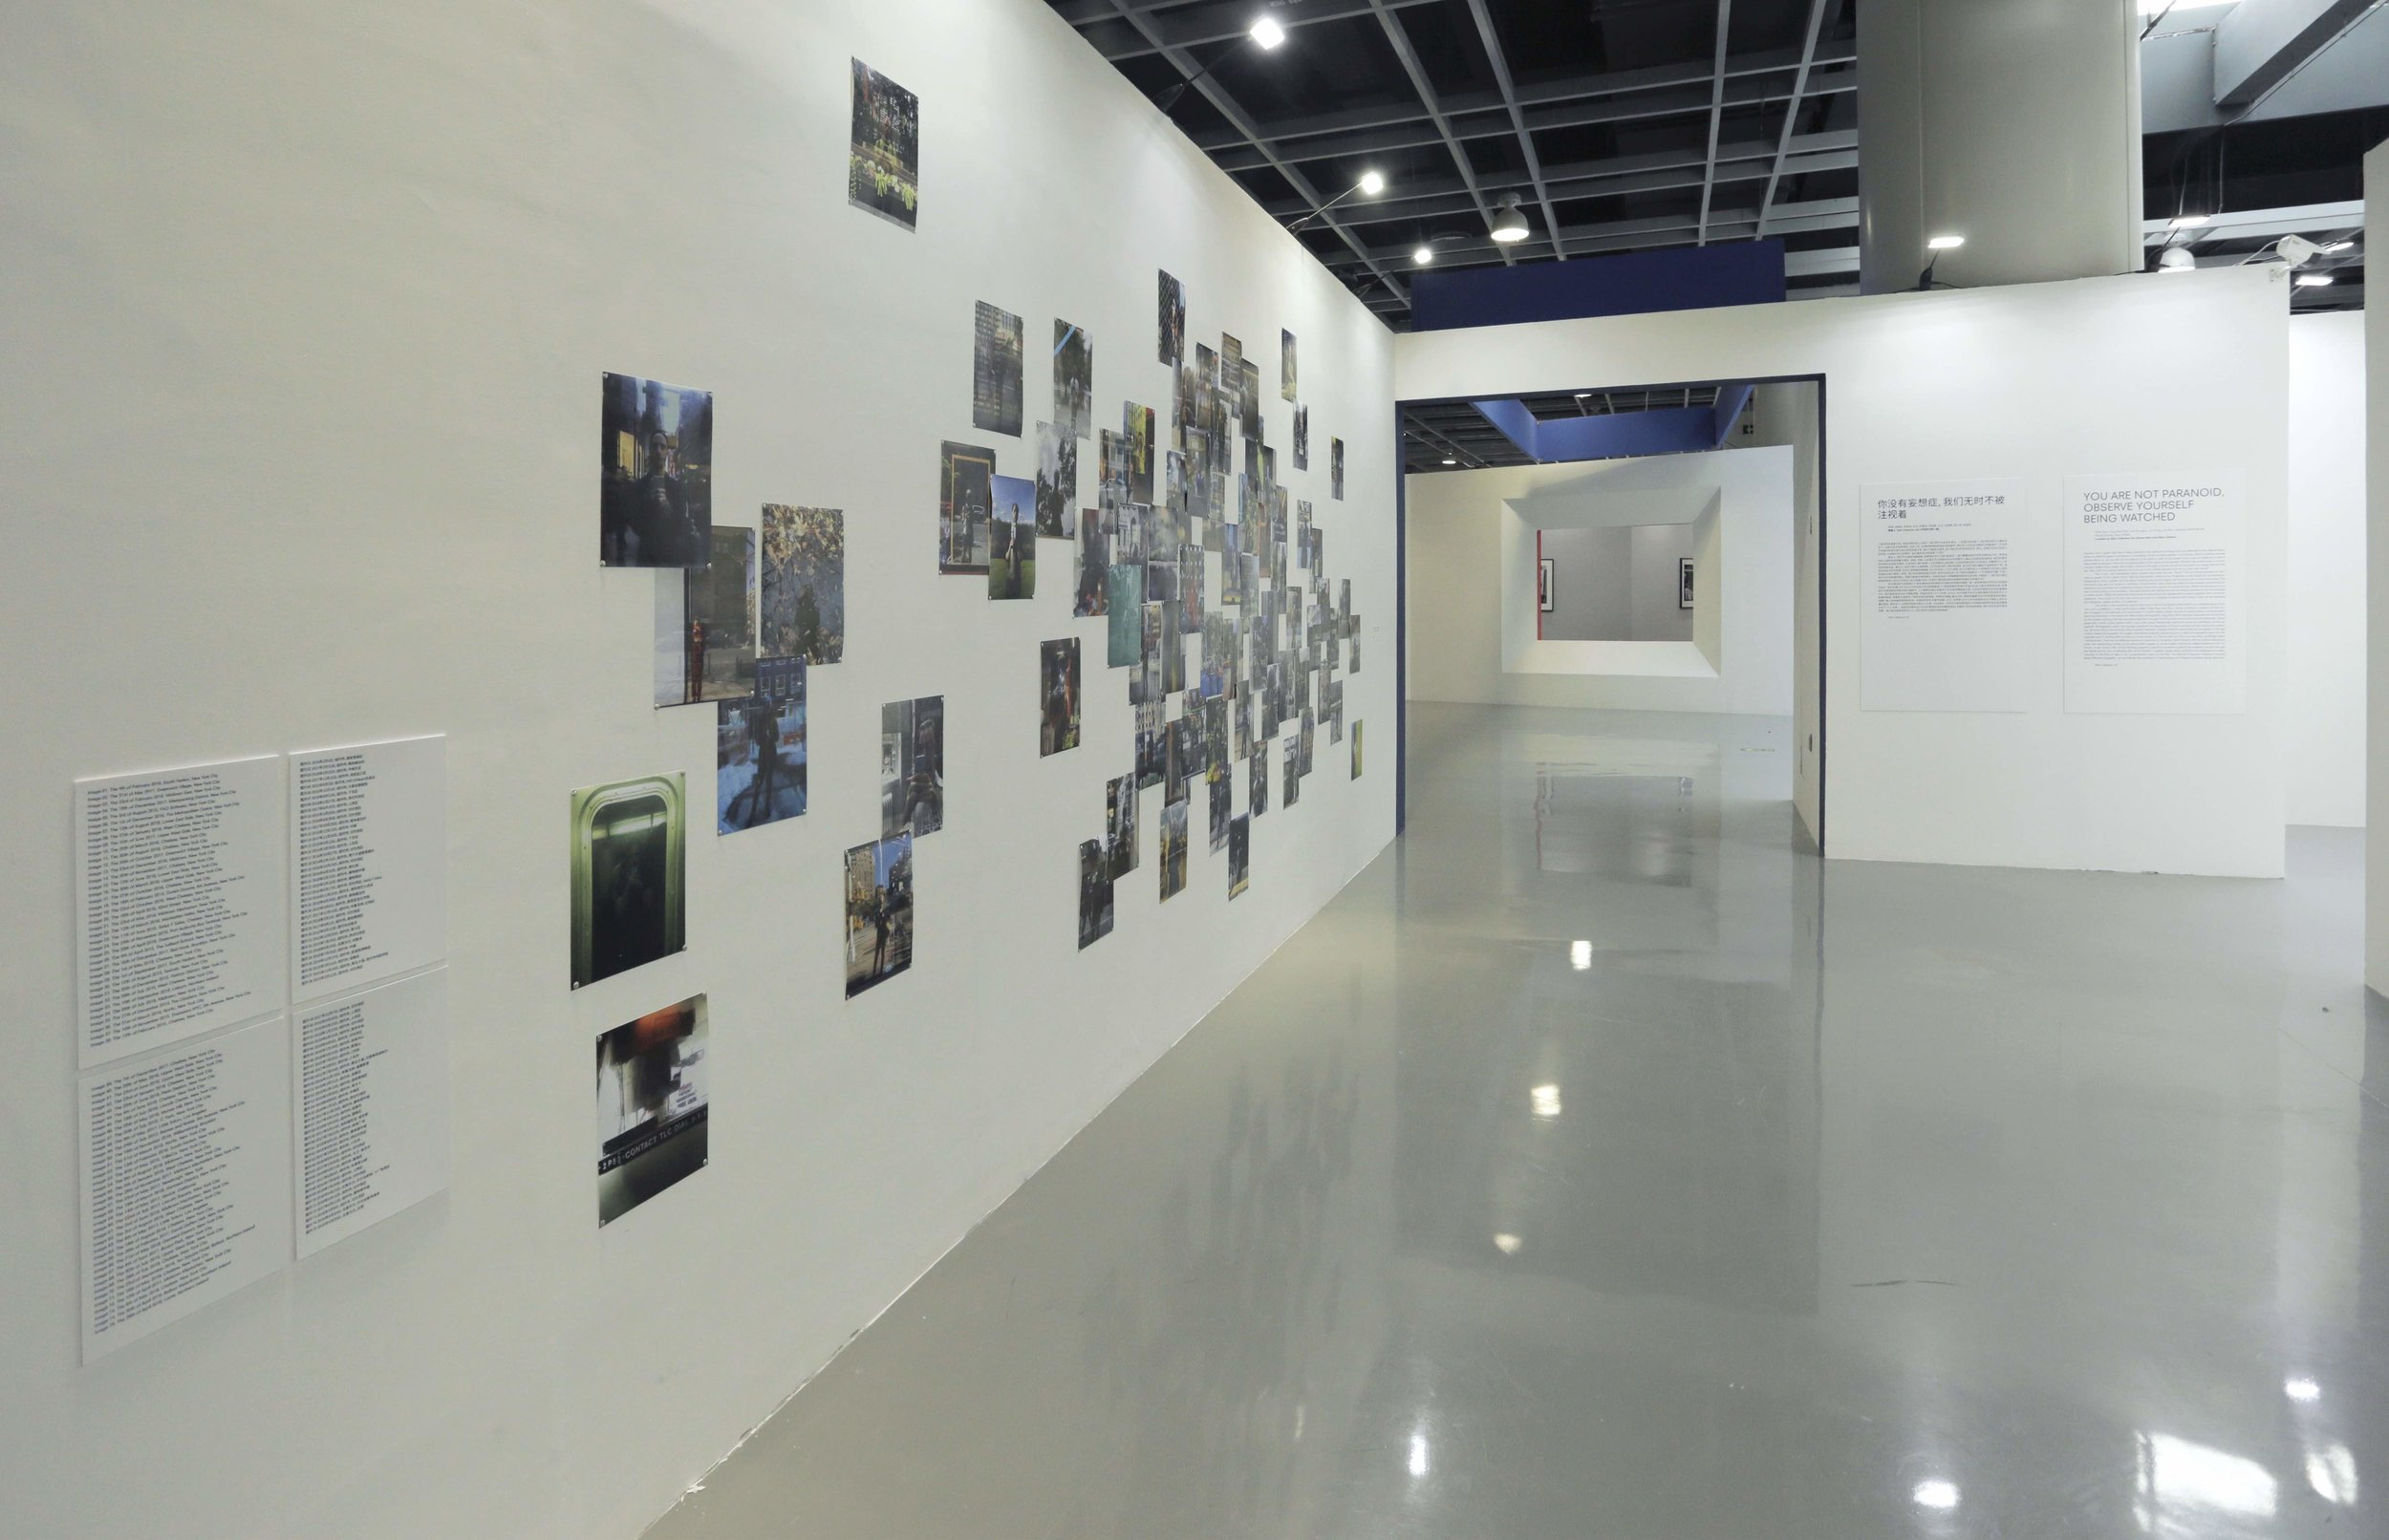 2018 集美·阿尔勒无界影像单元展览现场